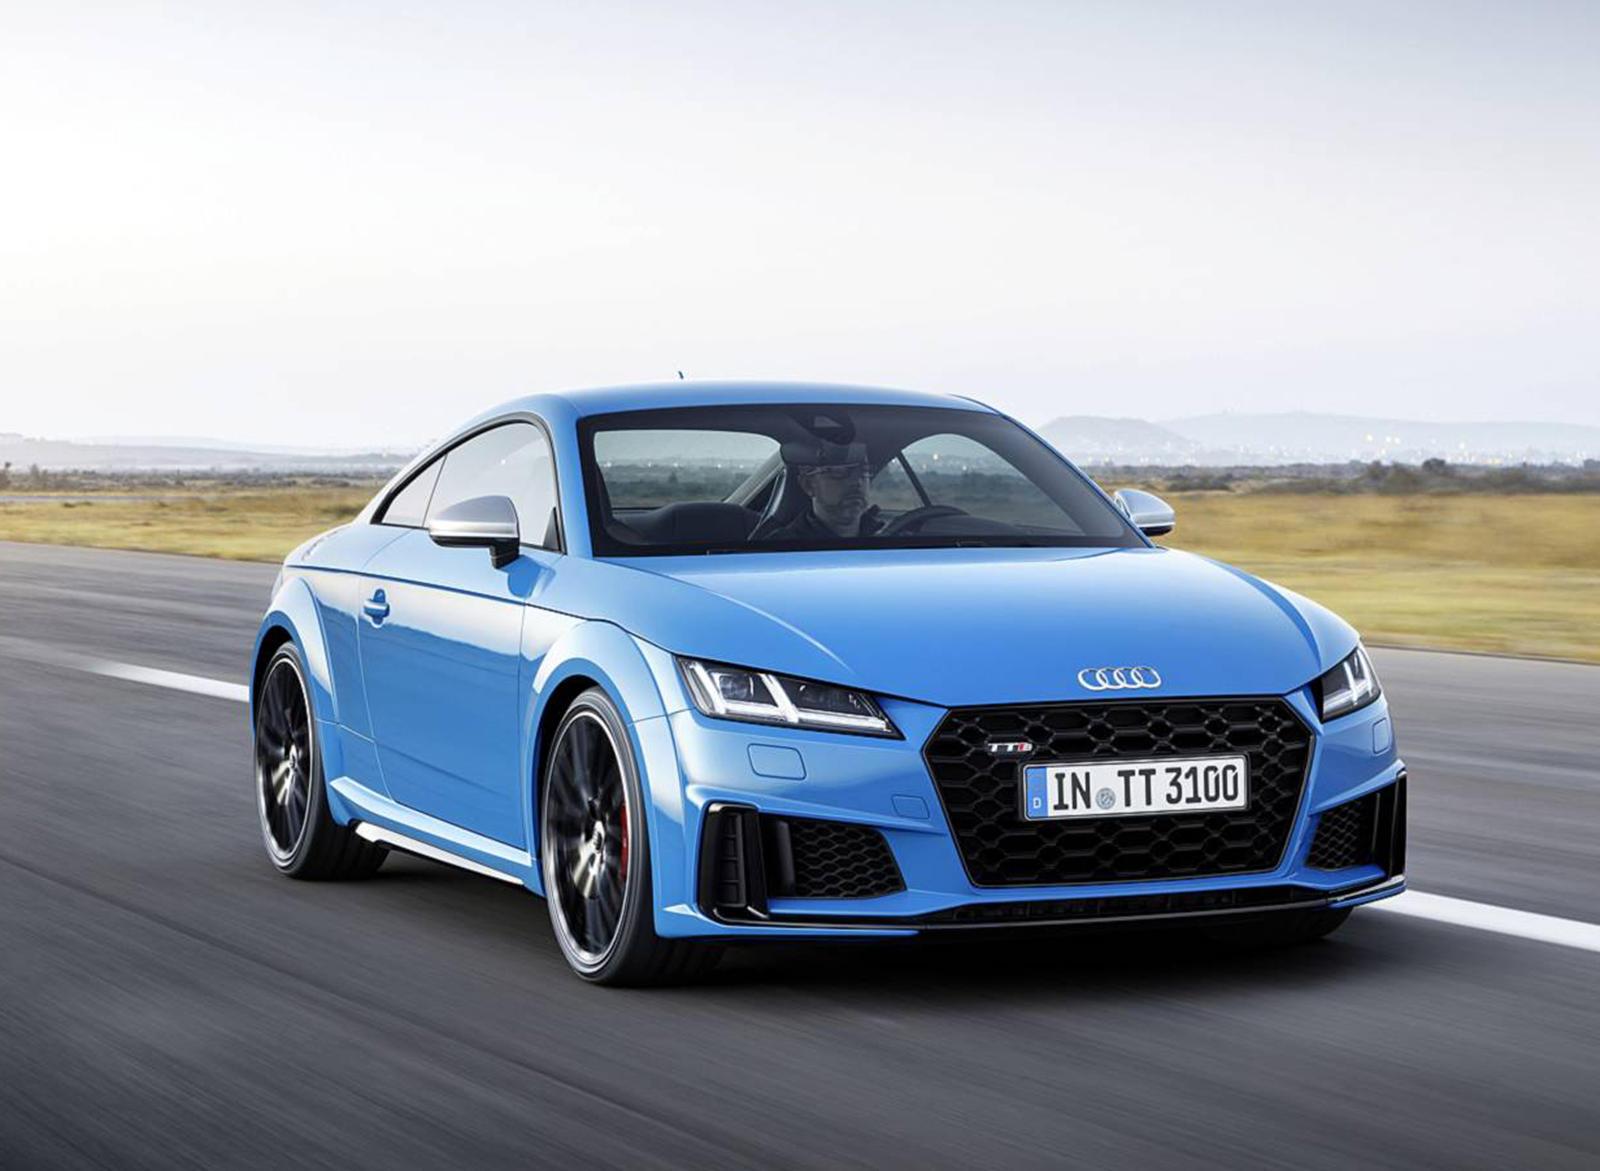 Kelebihan Audi Tt 2019 Tangguh